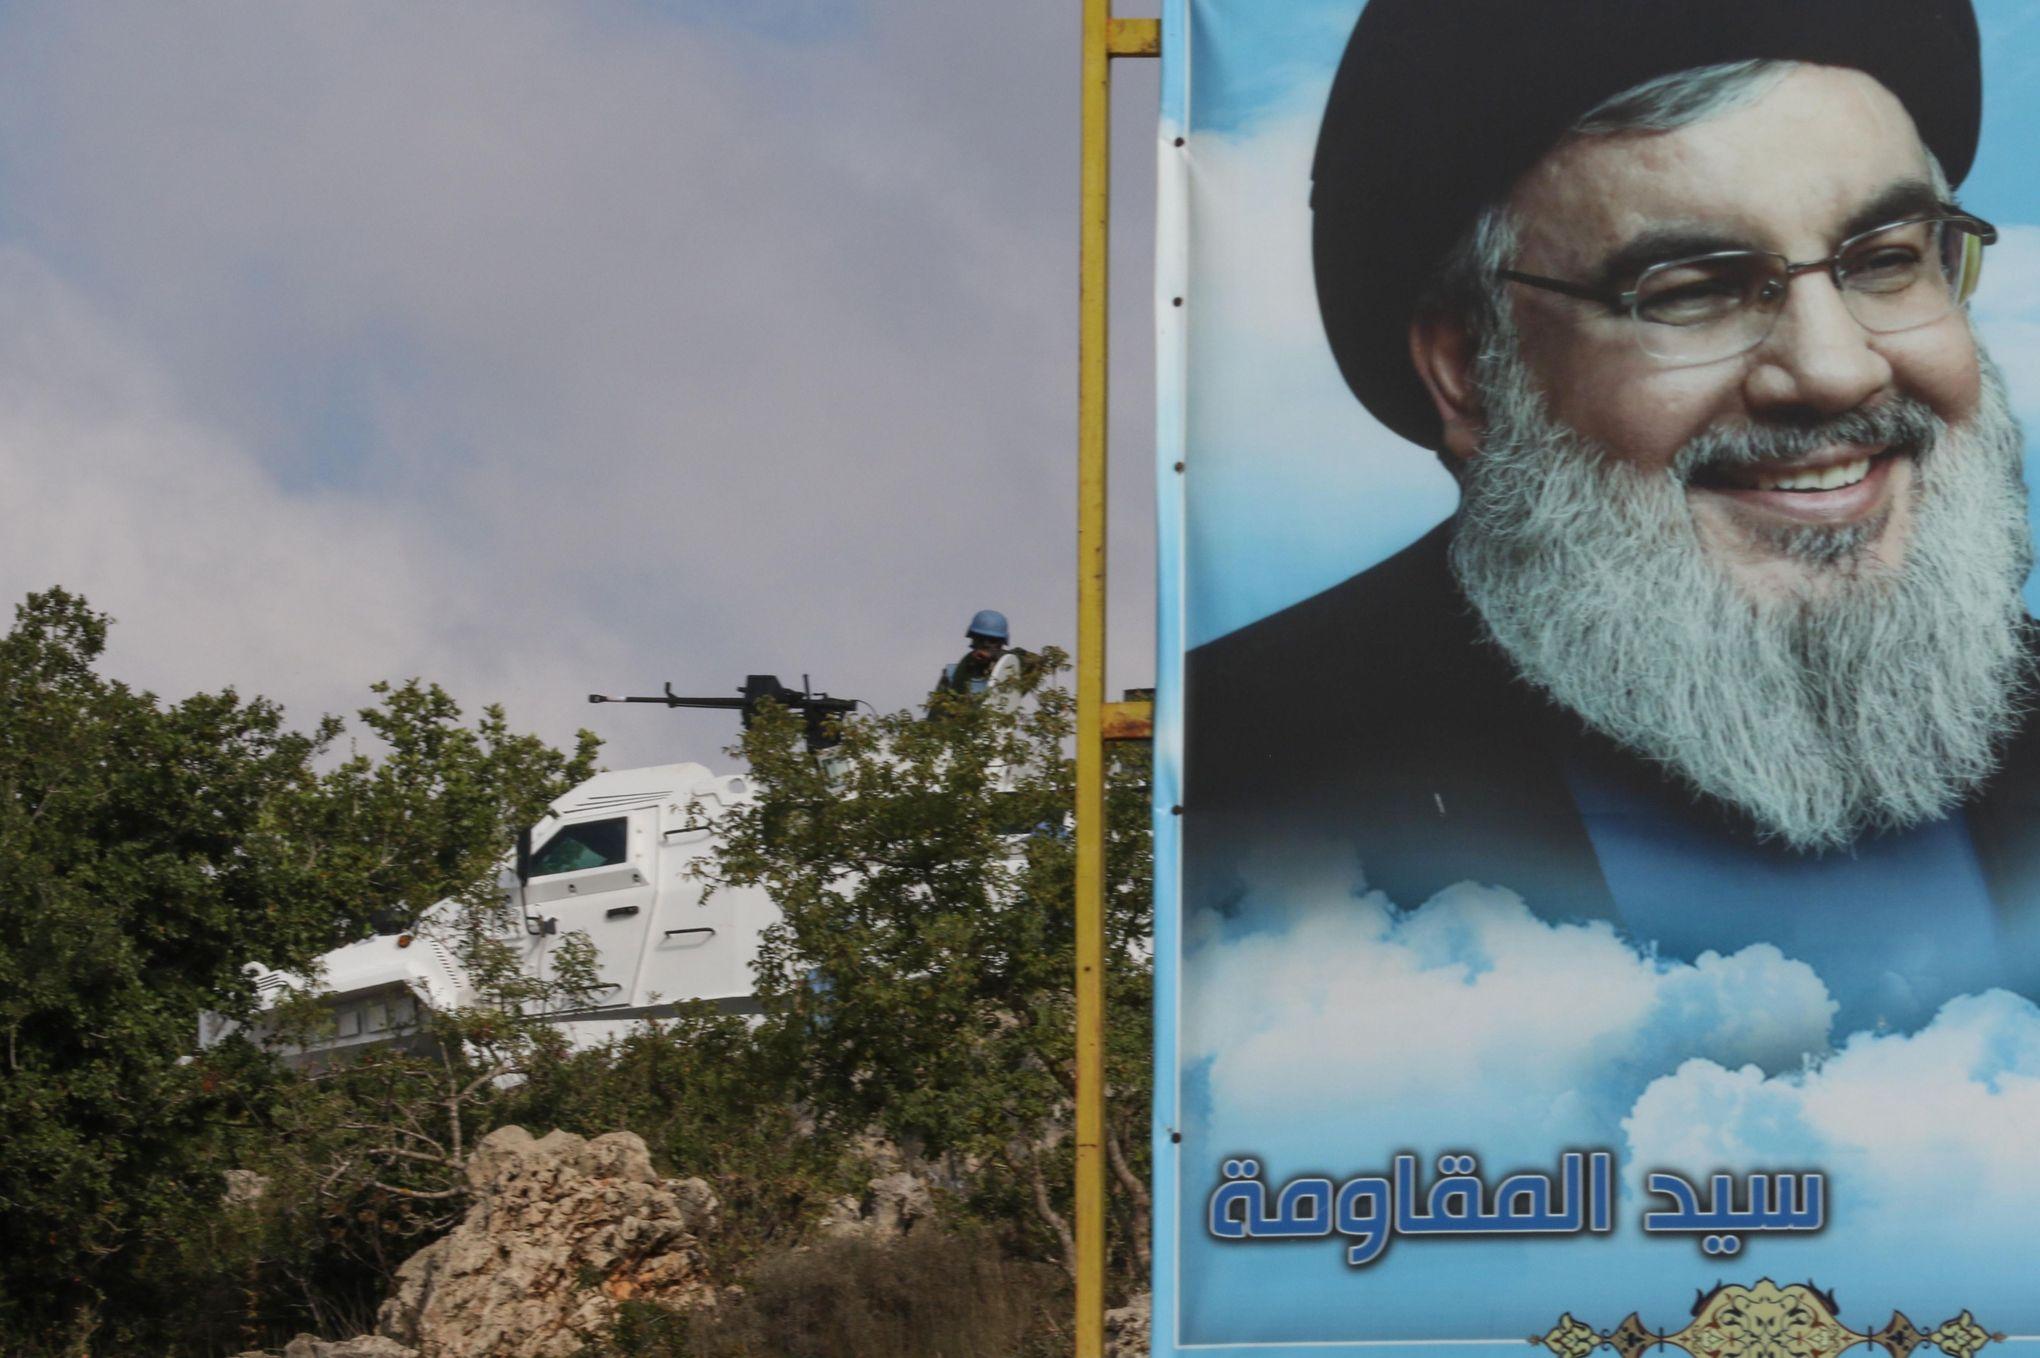 Le Hezbollah affirme avoir détruit un drone israélien survolant le Liban